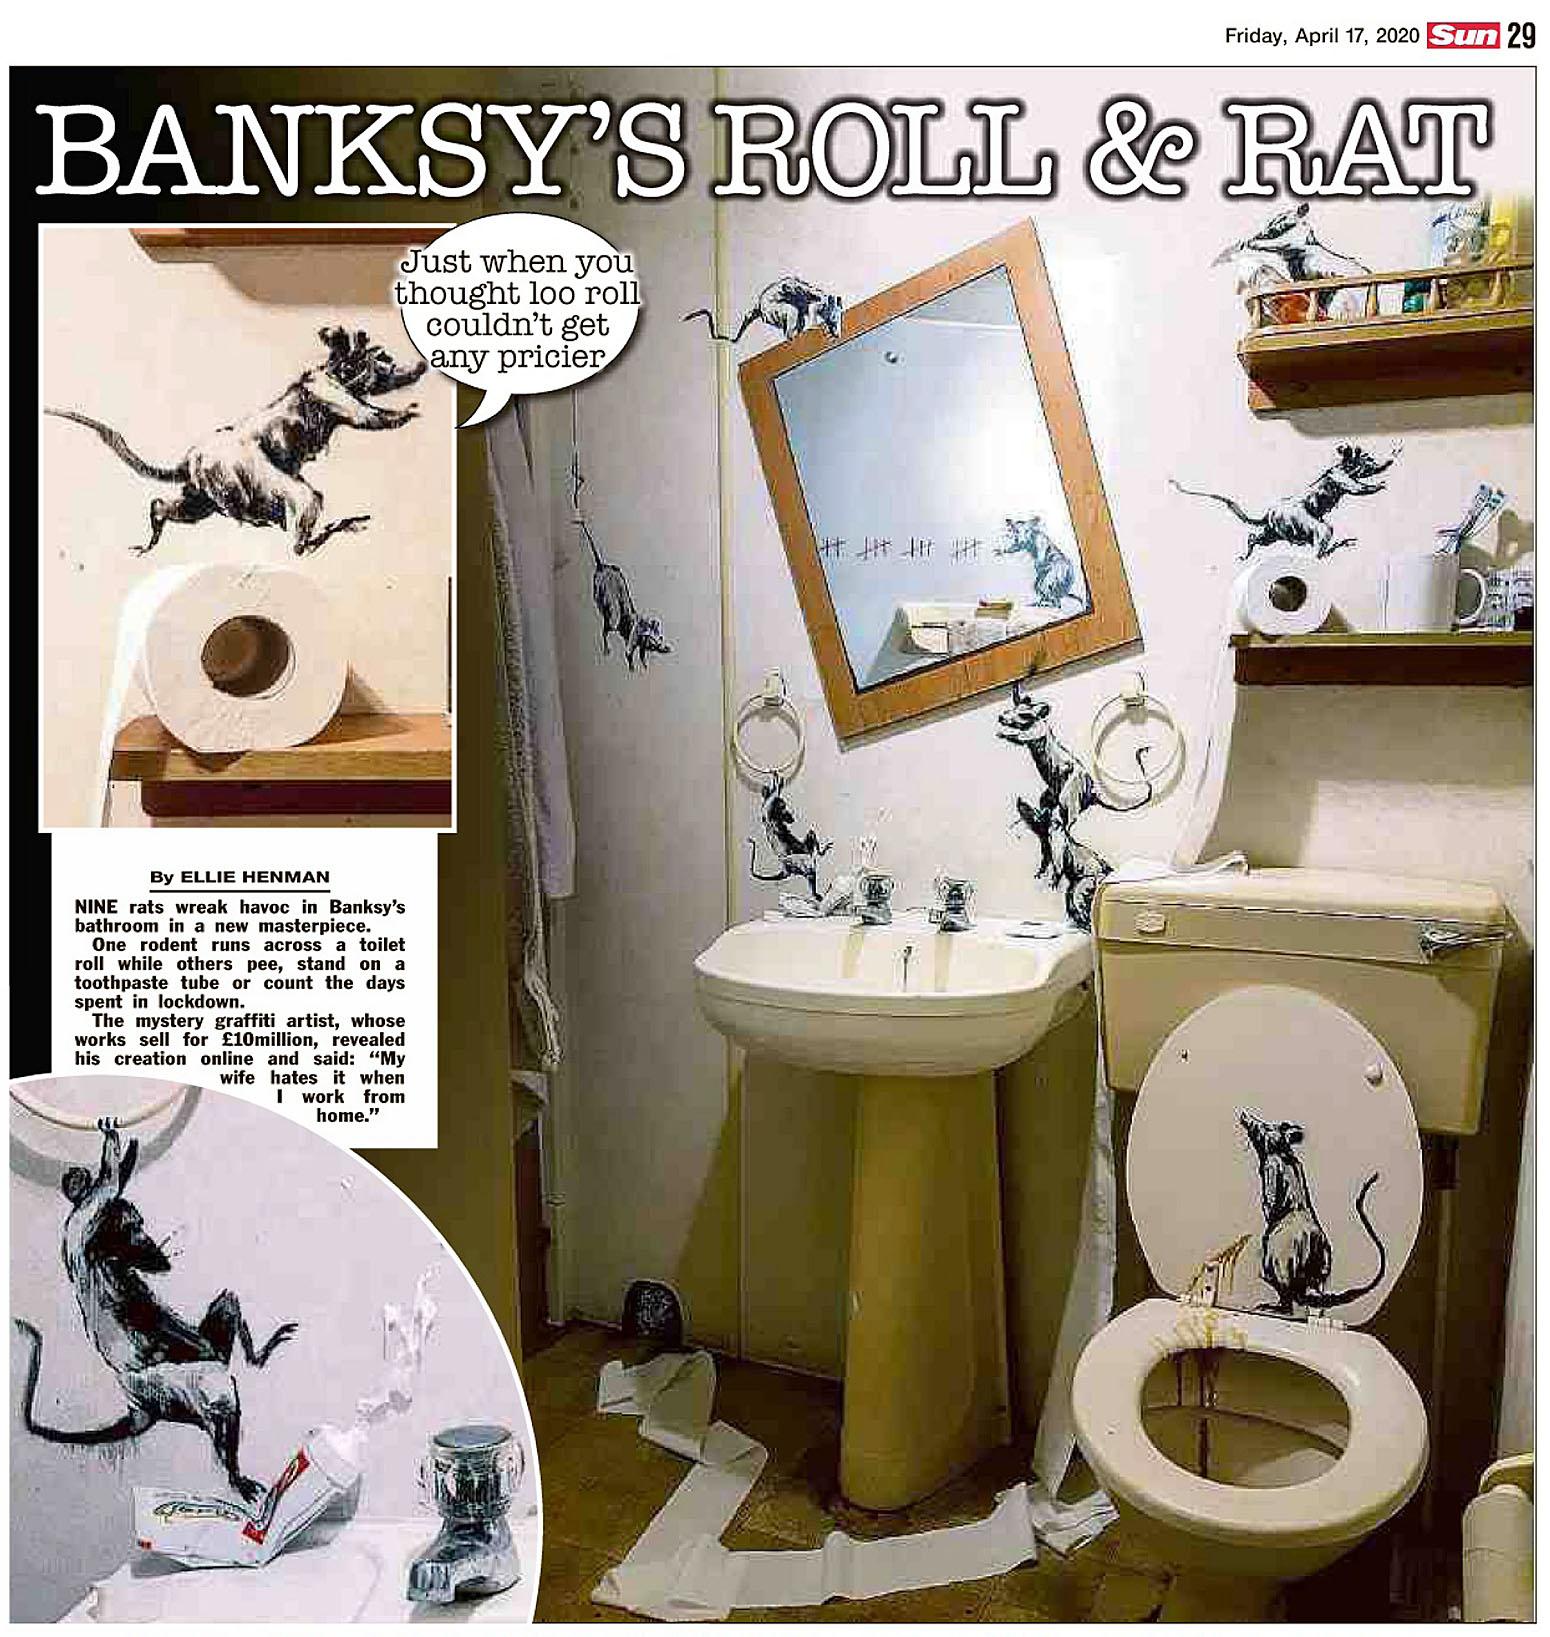 Sun 200417 Banksy.jpg